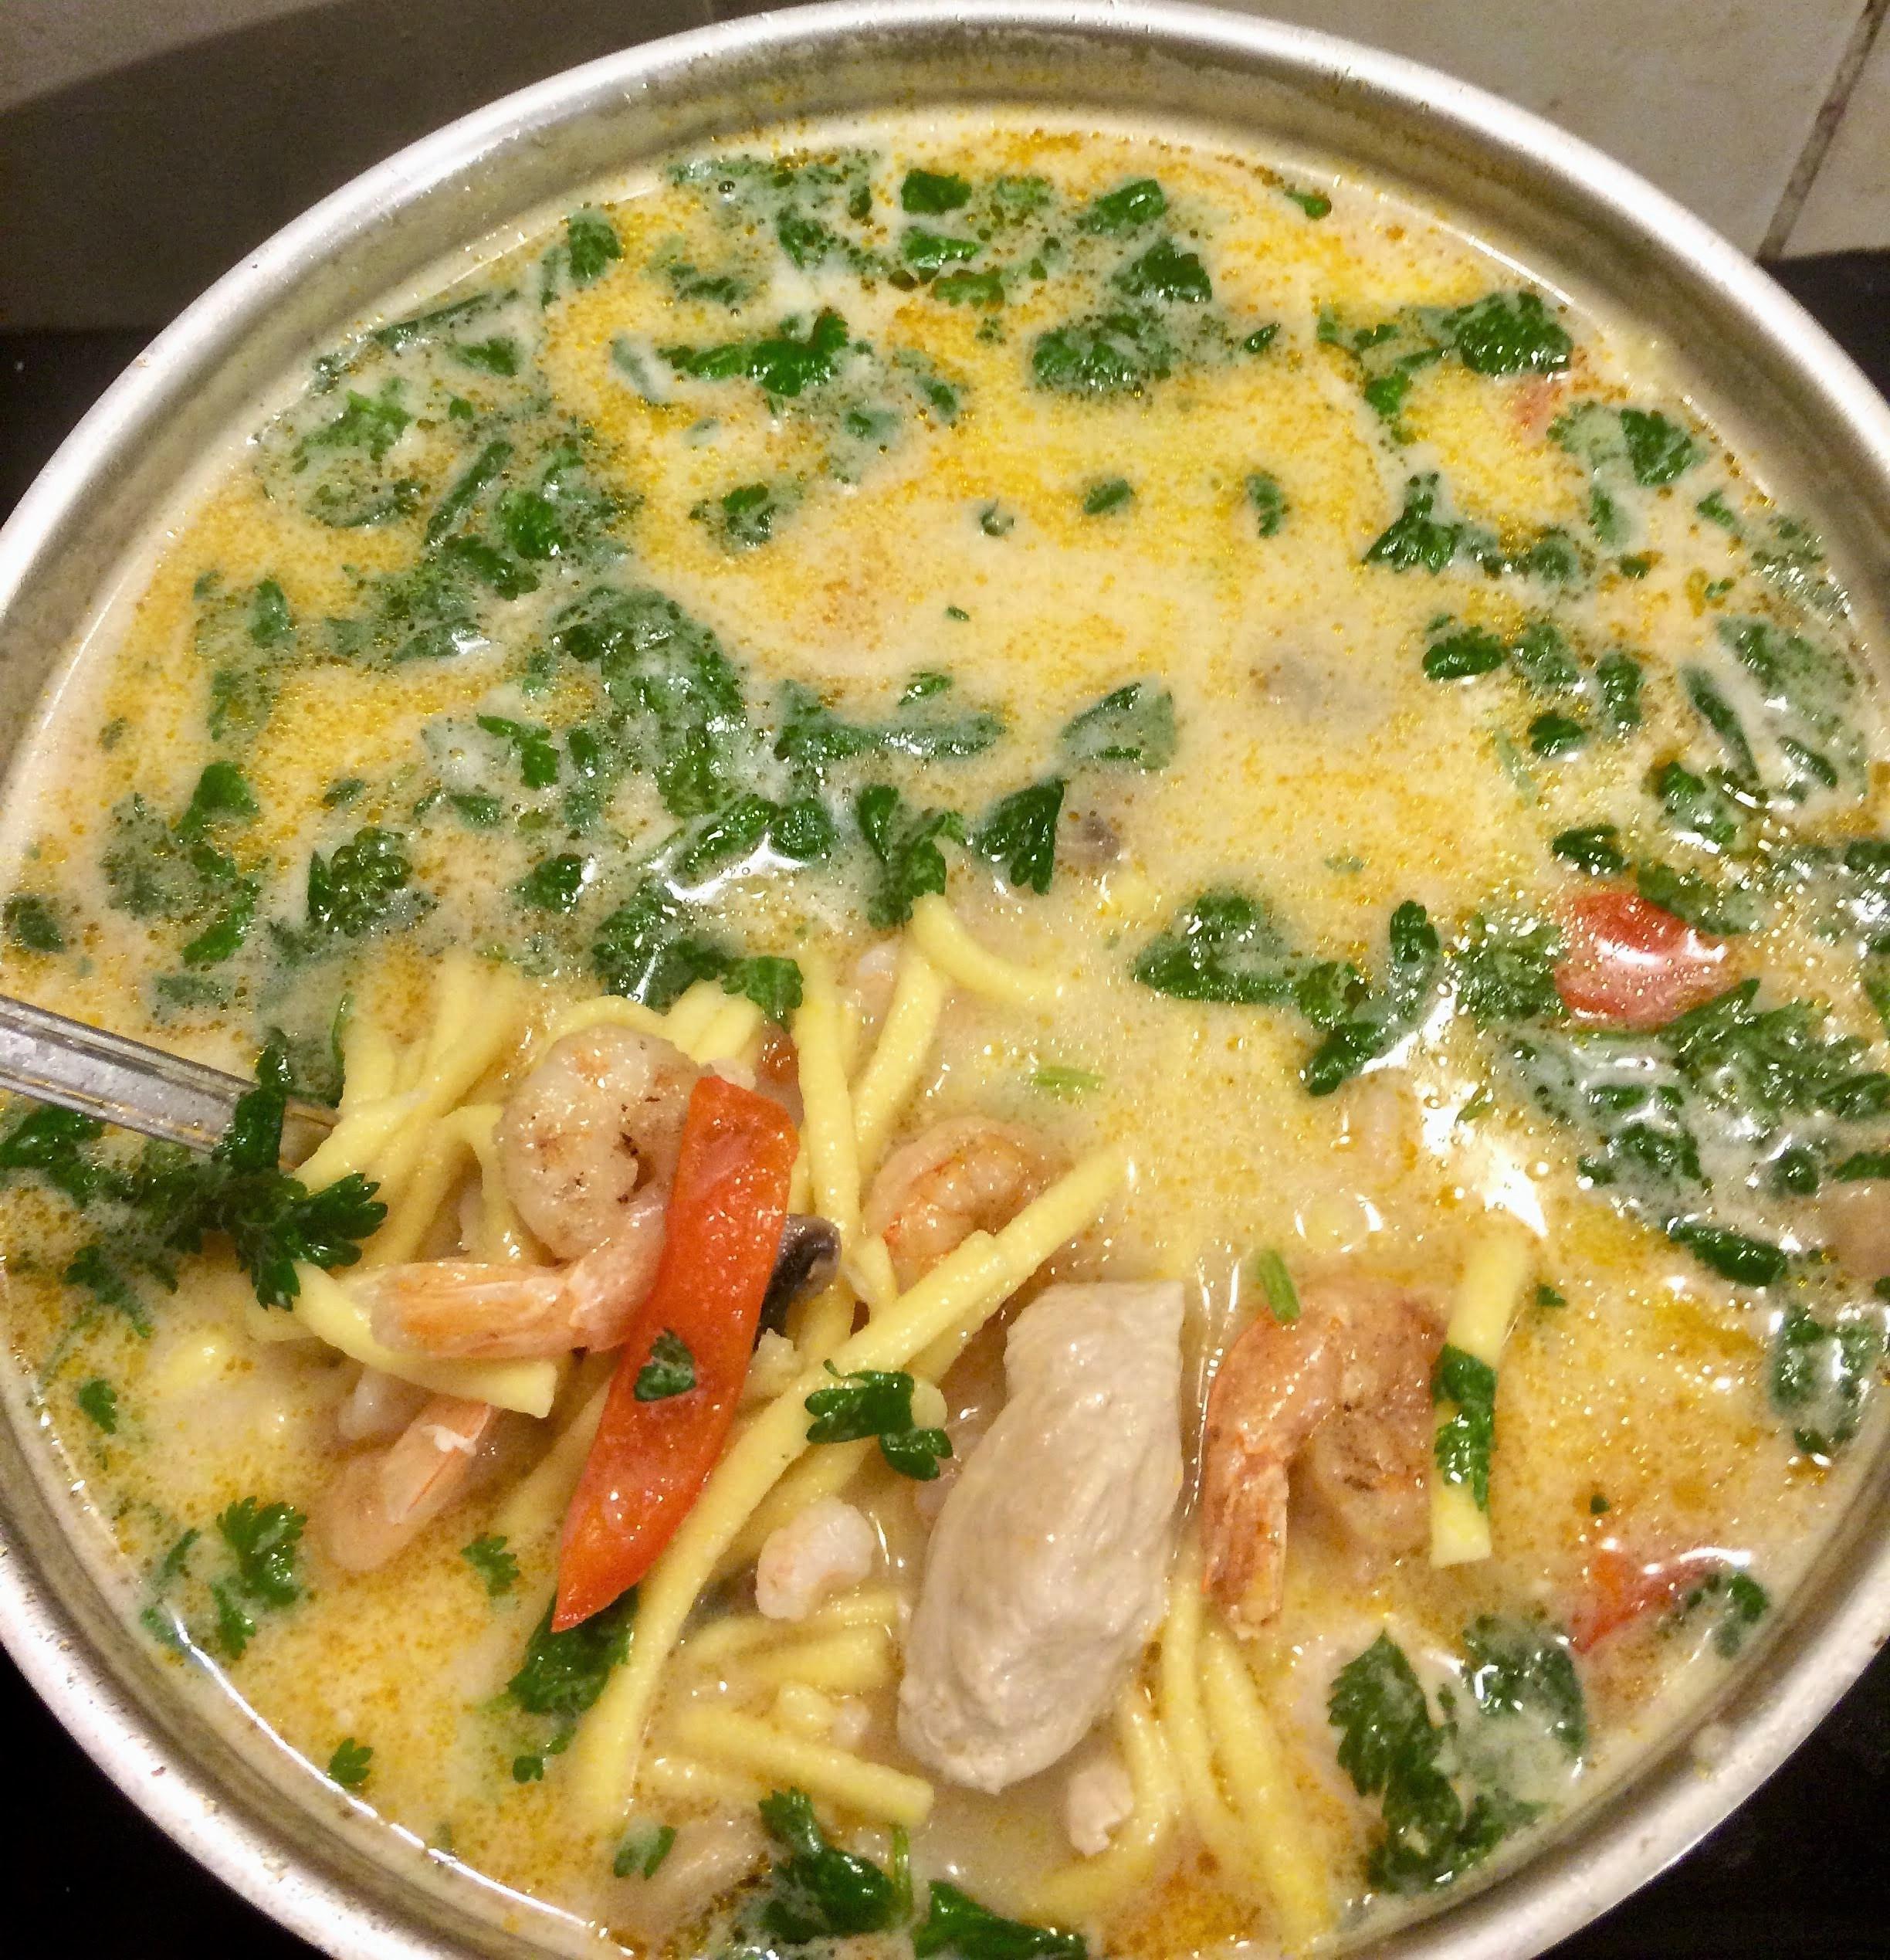 Jono tailandietiška sriuba (8)